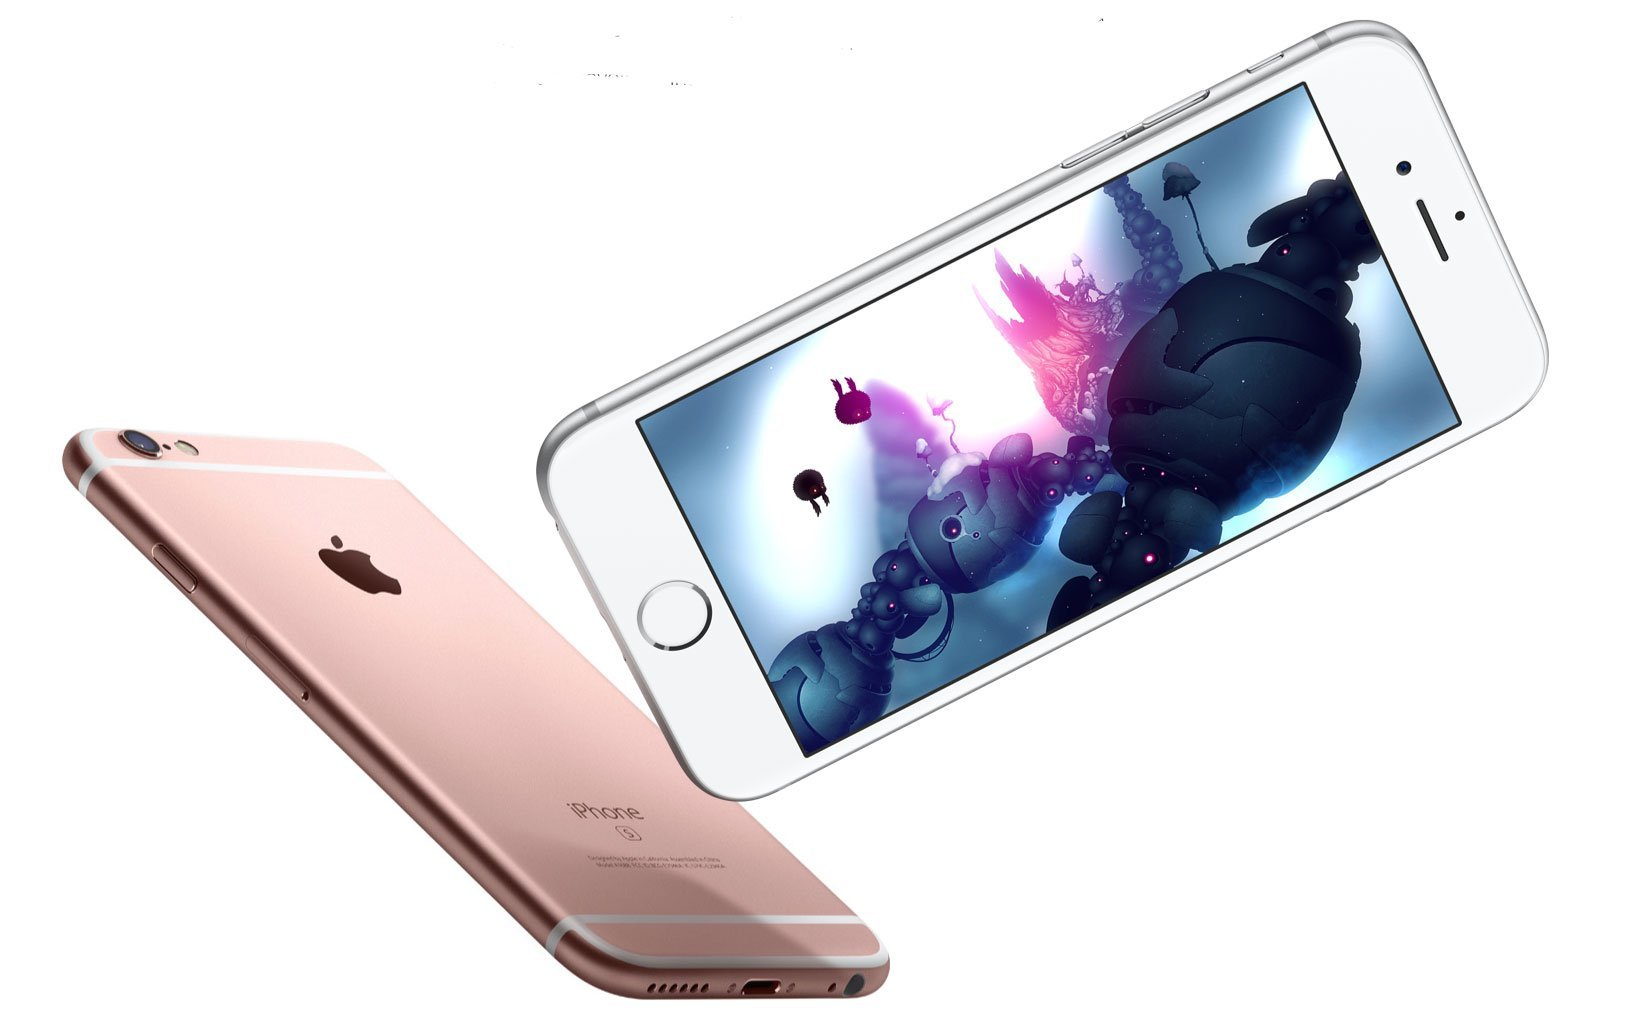 Comme prévu, Apple enregistre une baisse historique des ventes d'iPhone